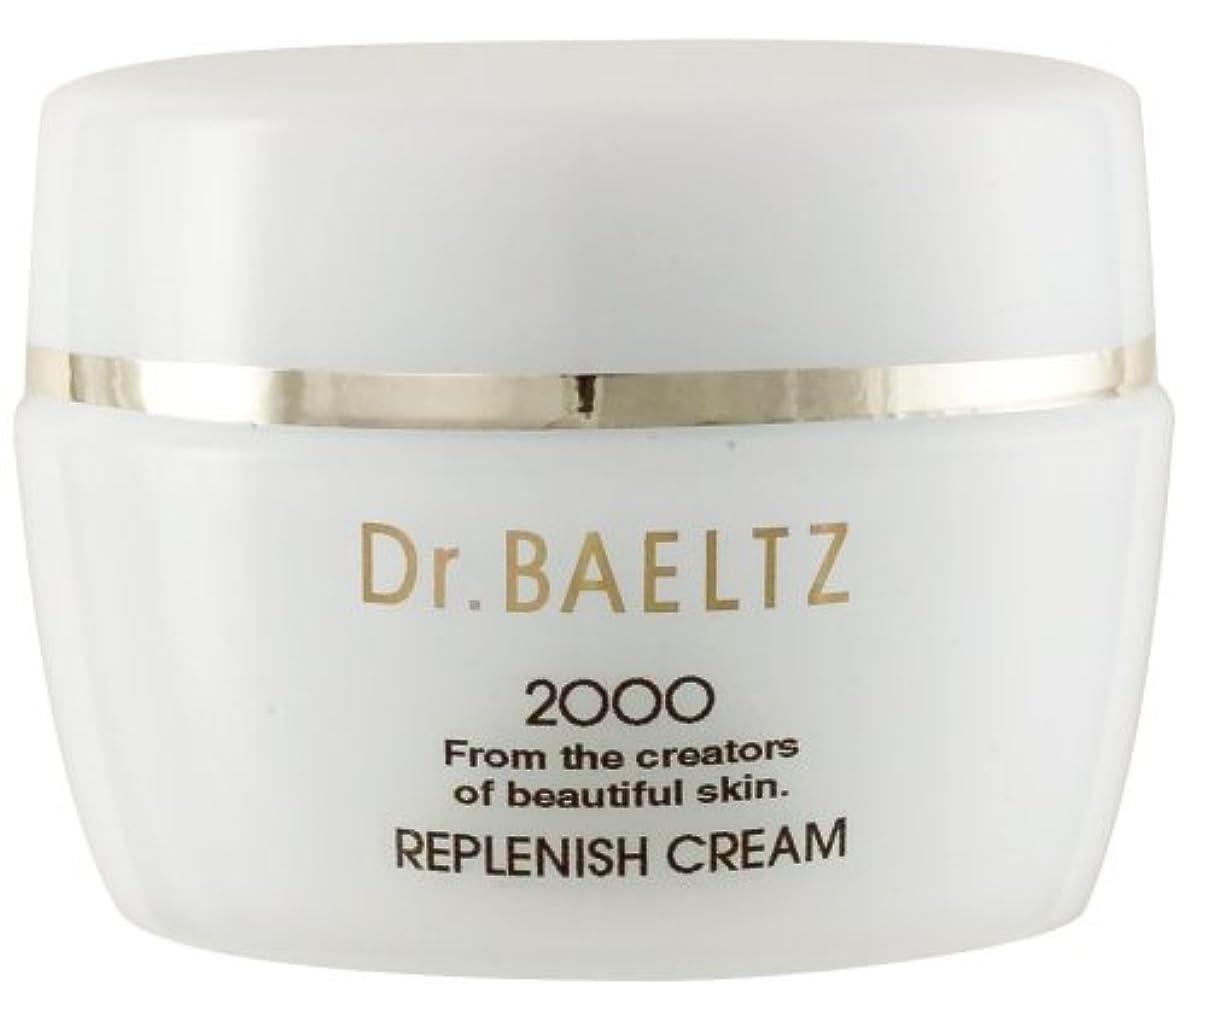 浅いカメラ放散するドクターベルツ(Dr.BAELTZ) リプレニッシュクリーム 40g(保湿クリーム)